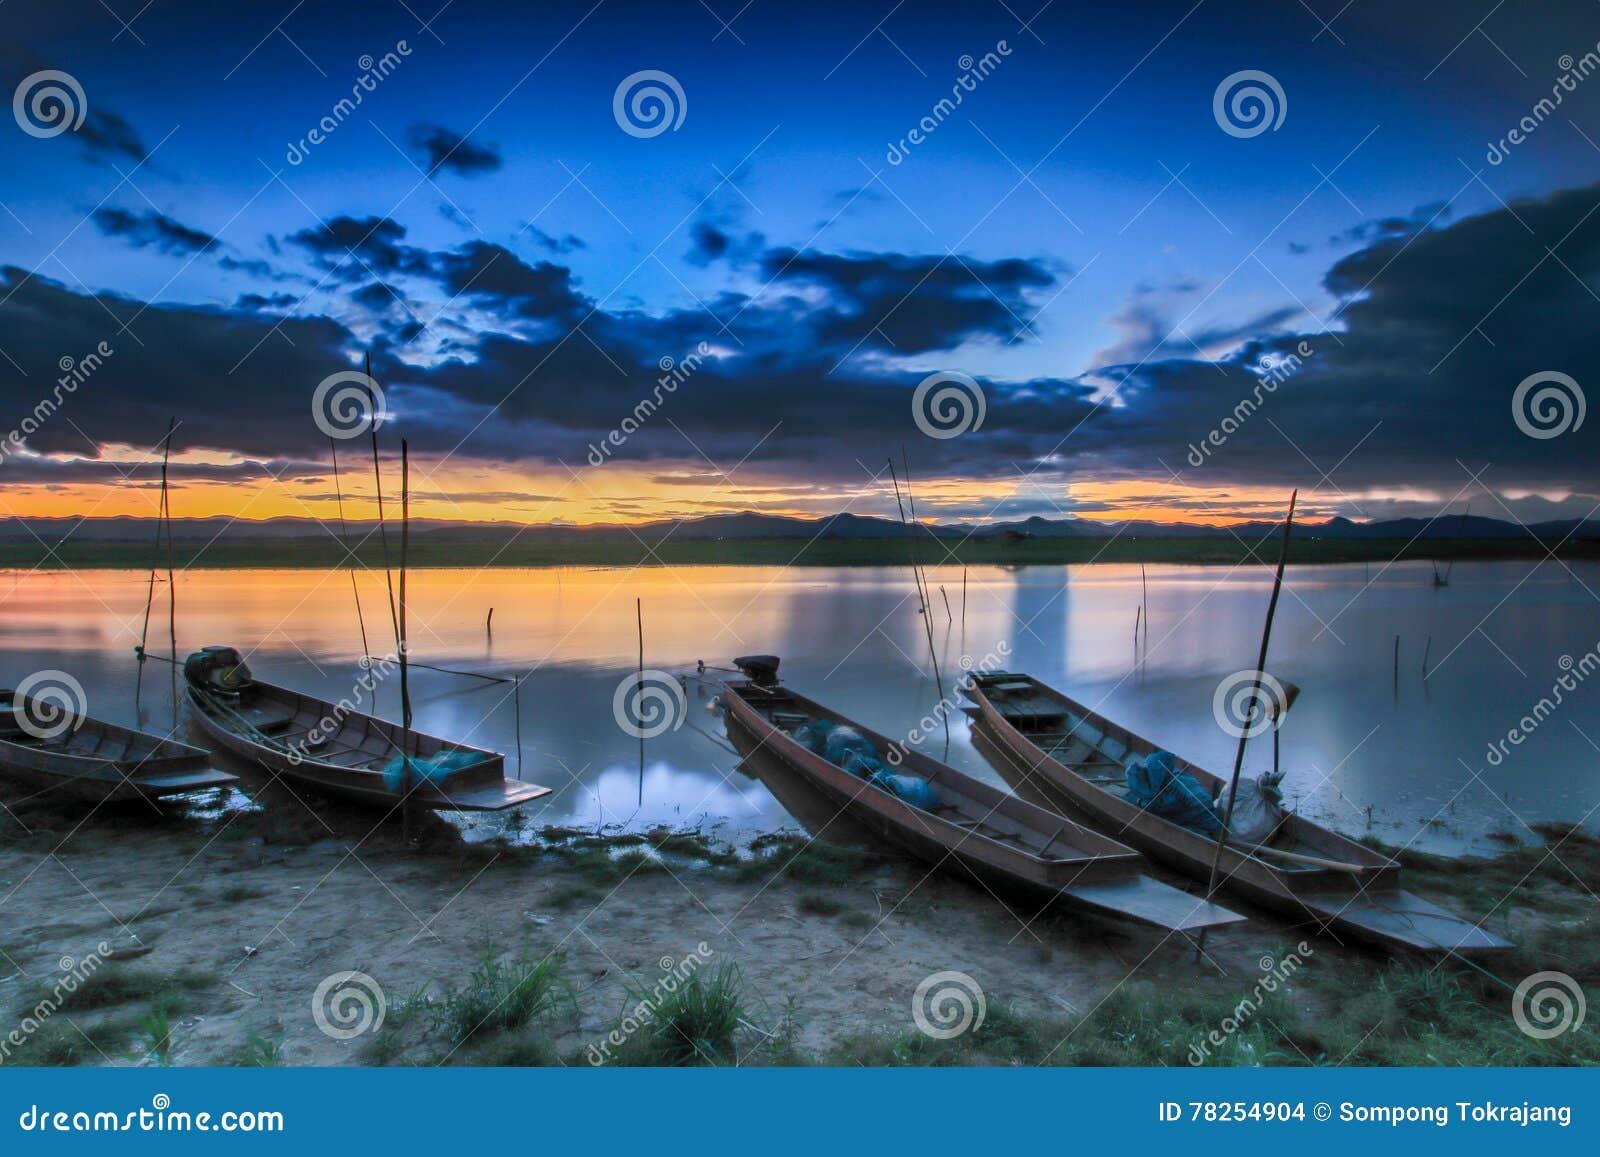 Βάρκα ψαράδων, Ταϊλάνδη